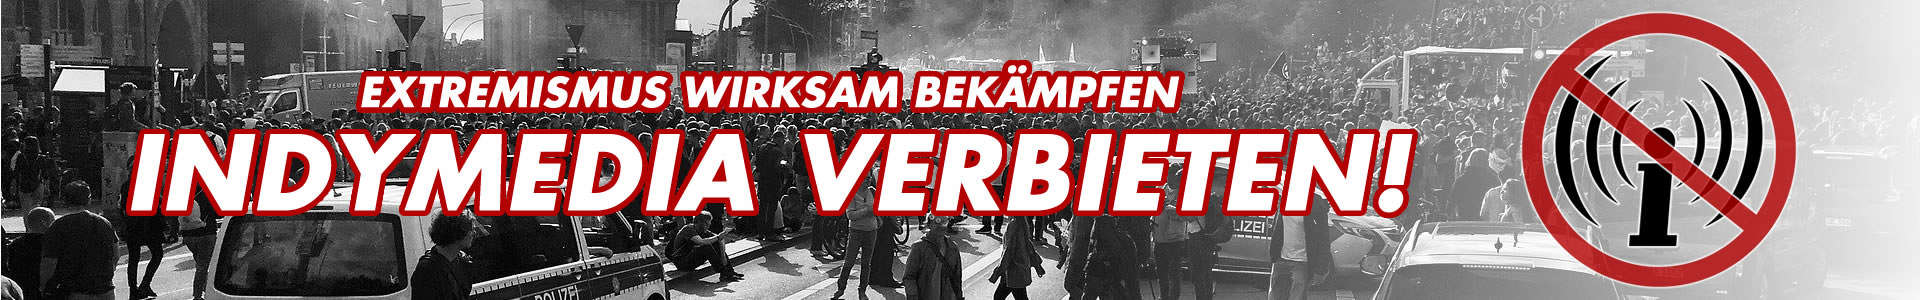 Indymedia Verbot - Banner